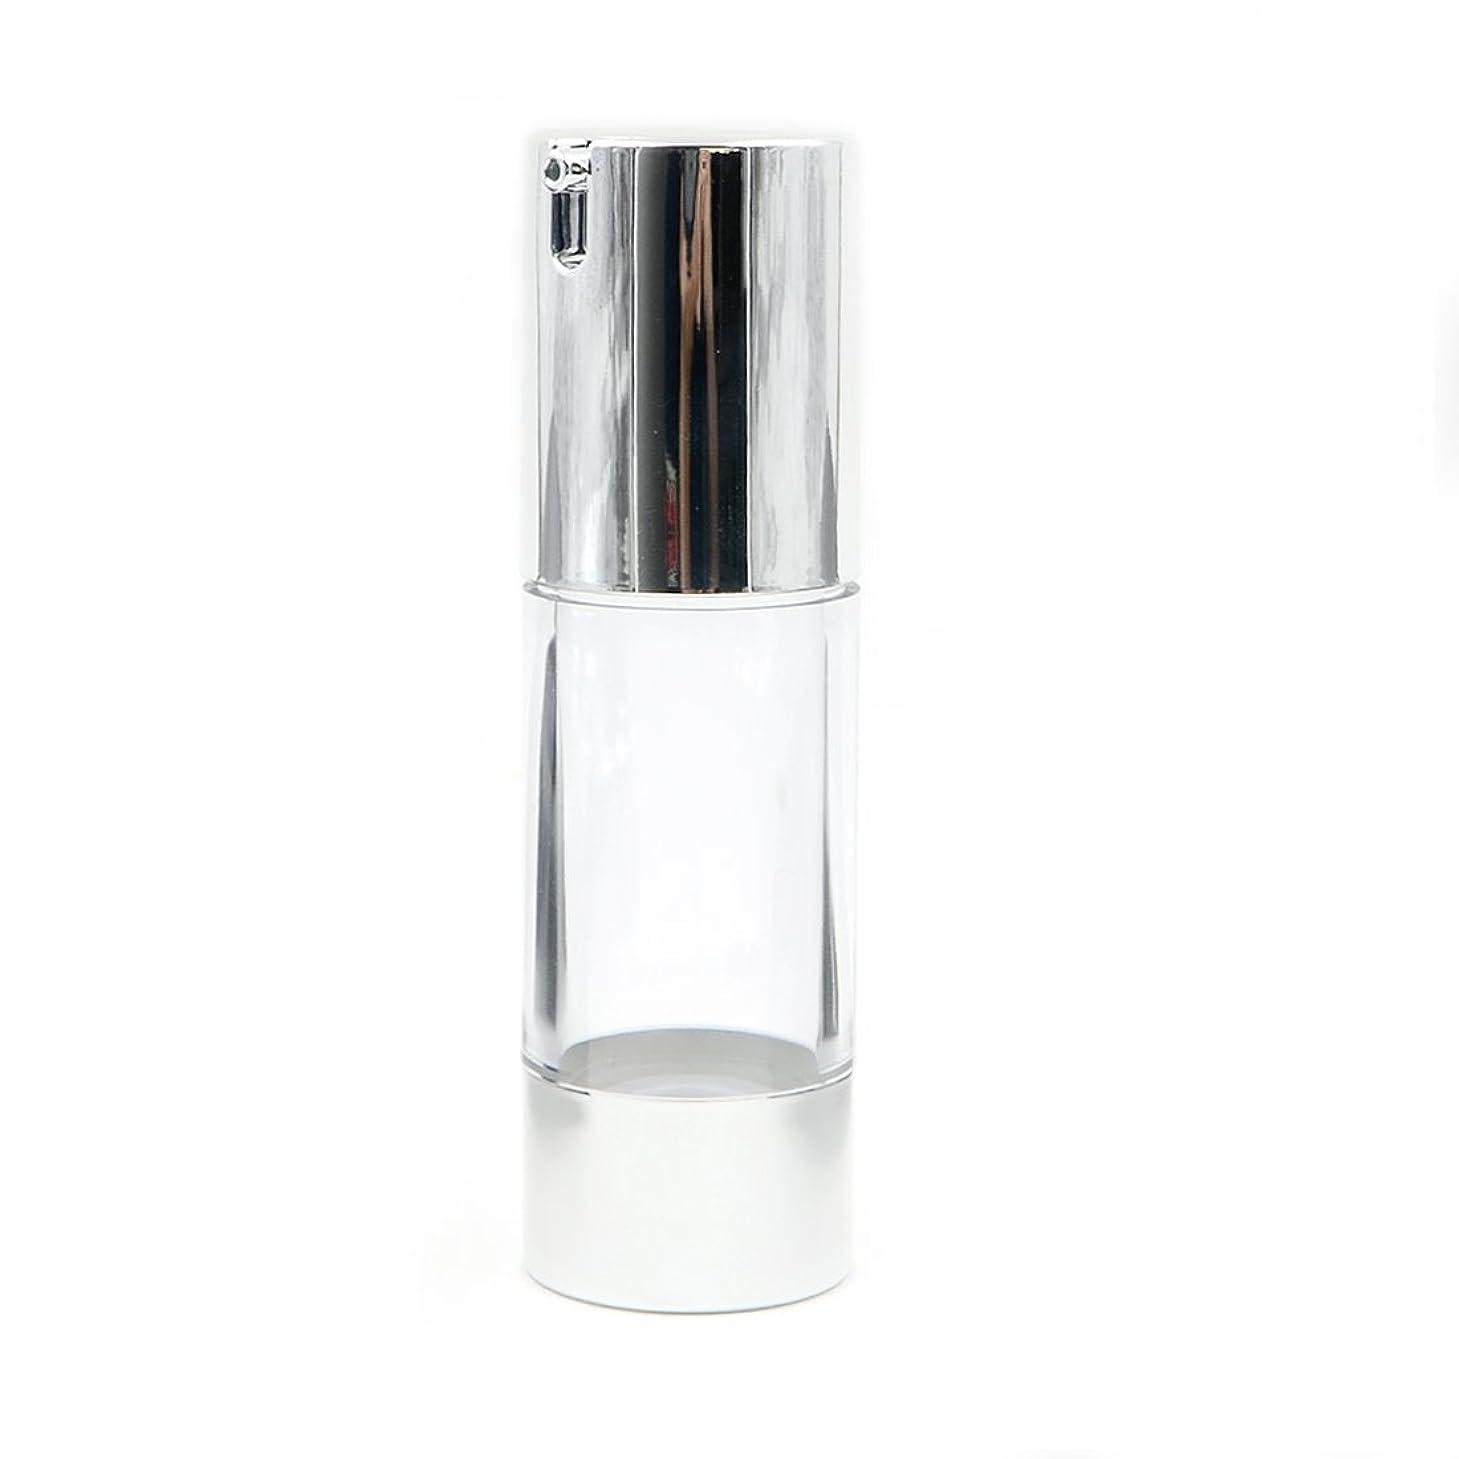 醸造所闘争サラダAngelakerry エアレス容器ホワイト30ミリリットル手作りコスメ手作り化粧品詰め替え容器10本セット[並行輸入品]